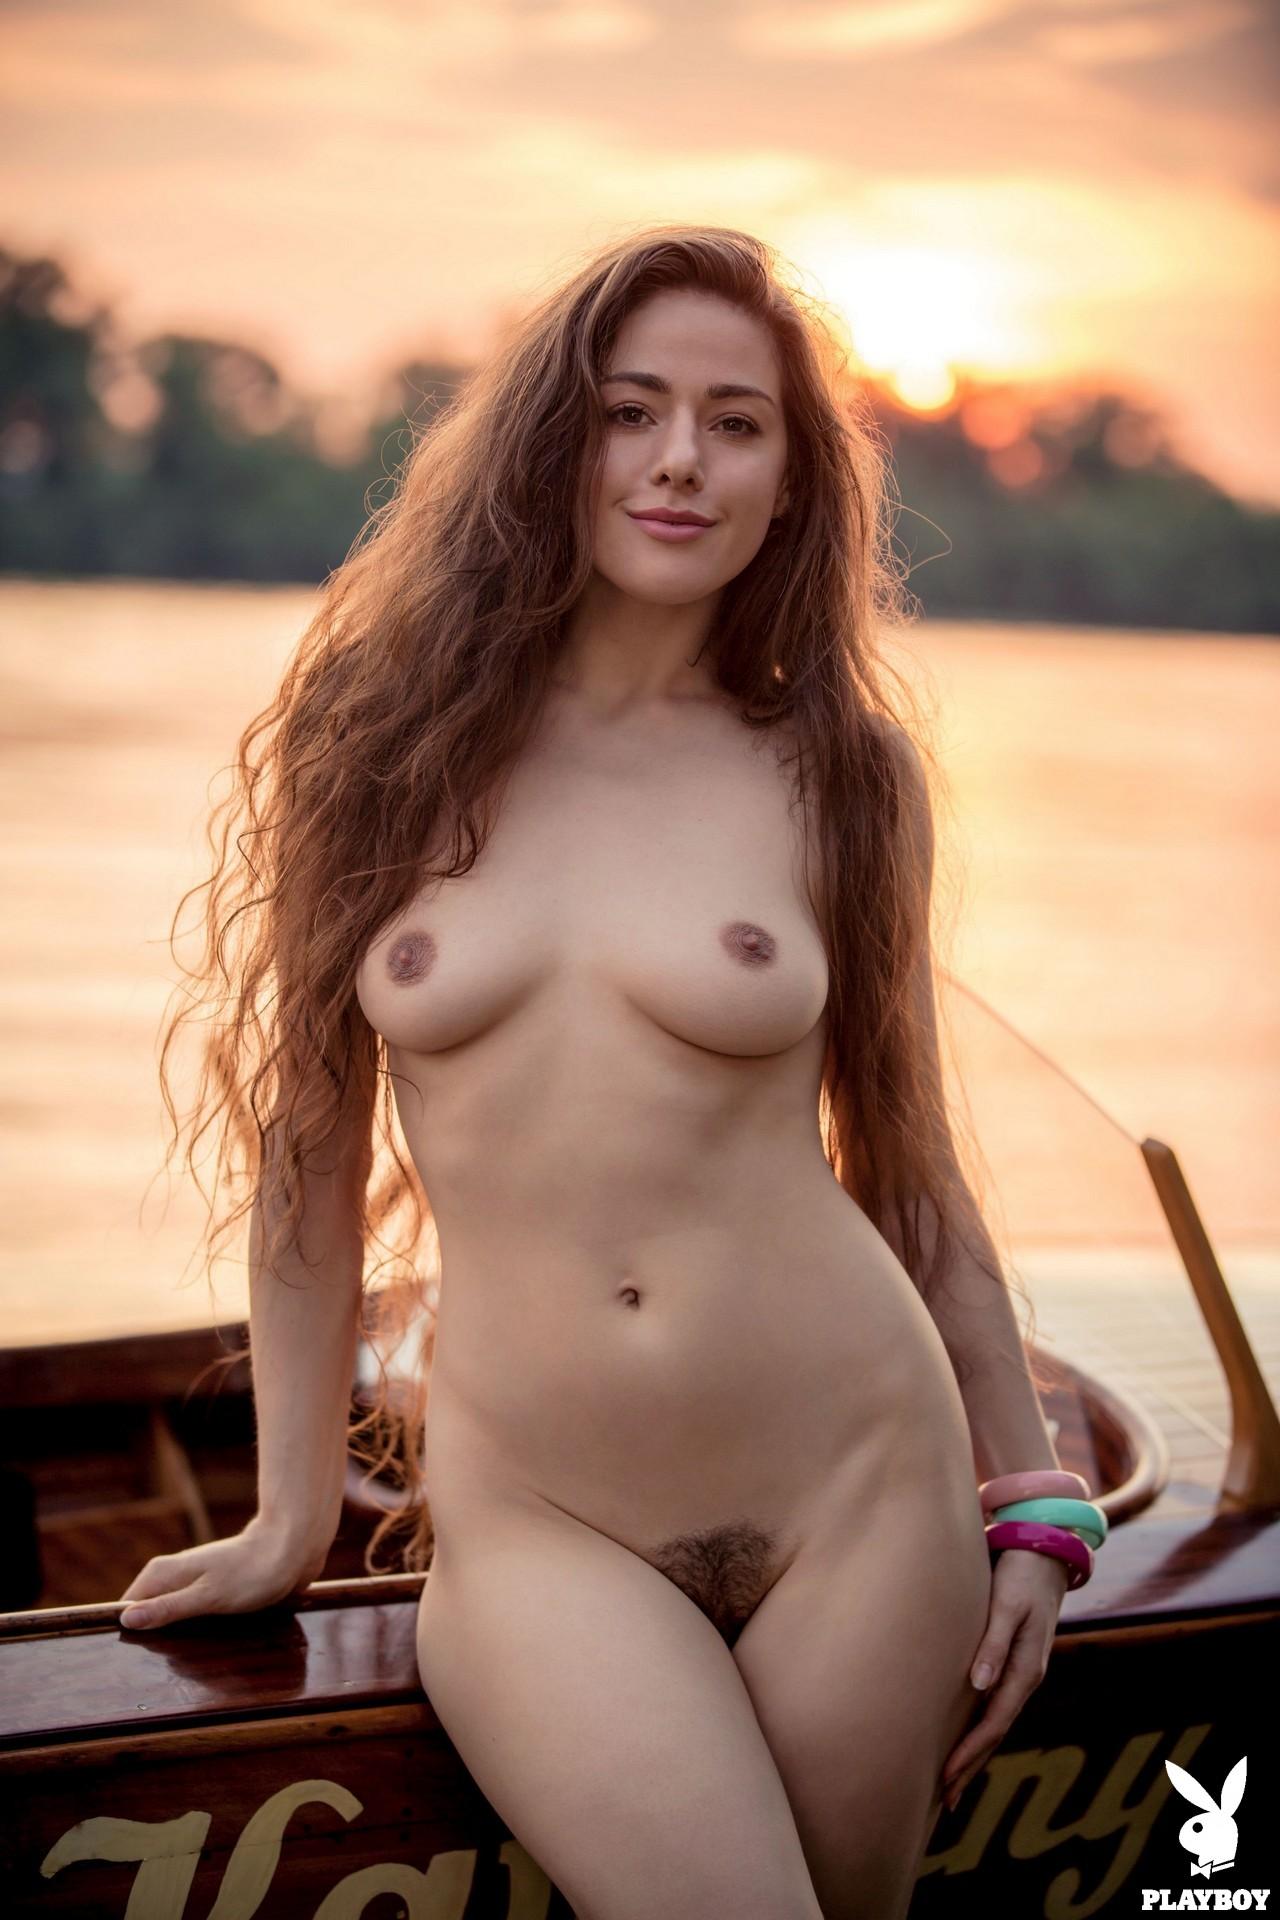 Joy Draiki in Sensational Voyage - Playboy Plus 9